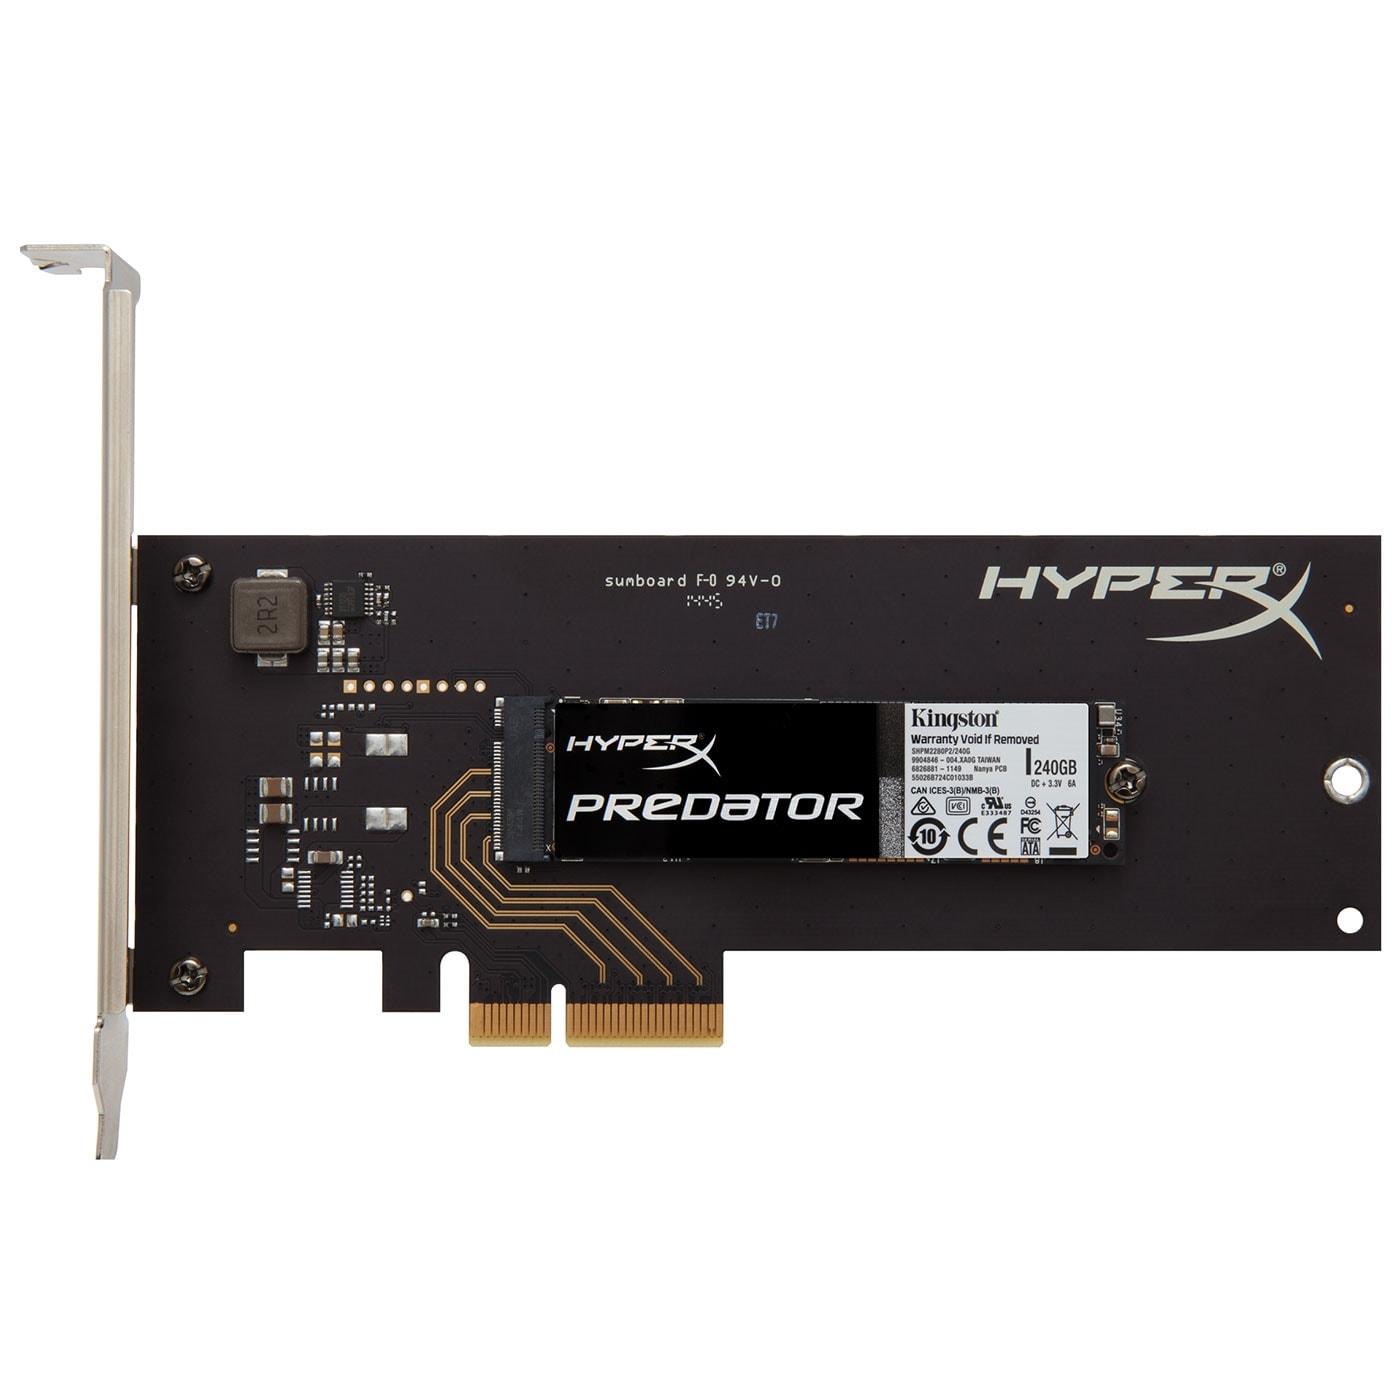 Kingston 240Go M.2 + Adapt. PCIe 4X SHPM2280P2H/240G (SHPM2280P2H/240G) - Achat / Vente Disque SSD sur Cybertek.fr - 0